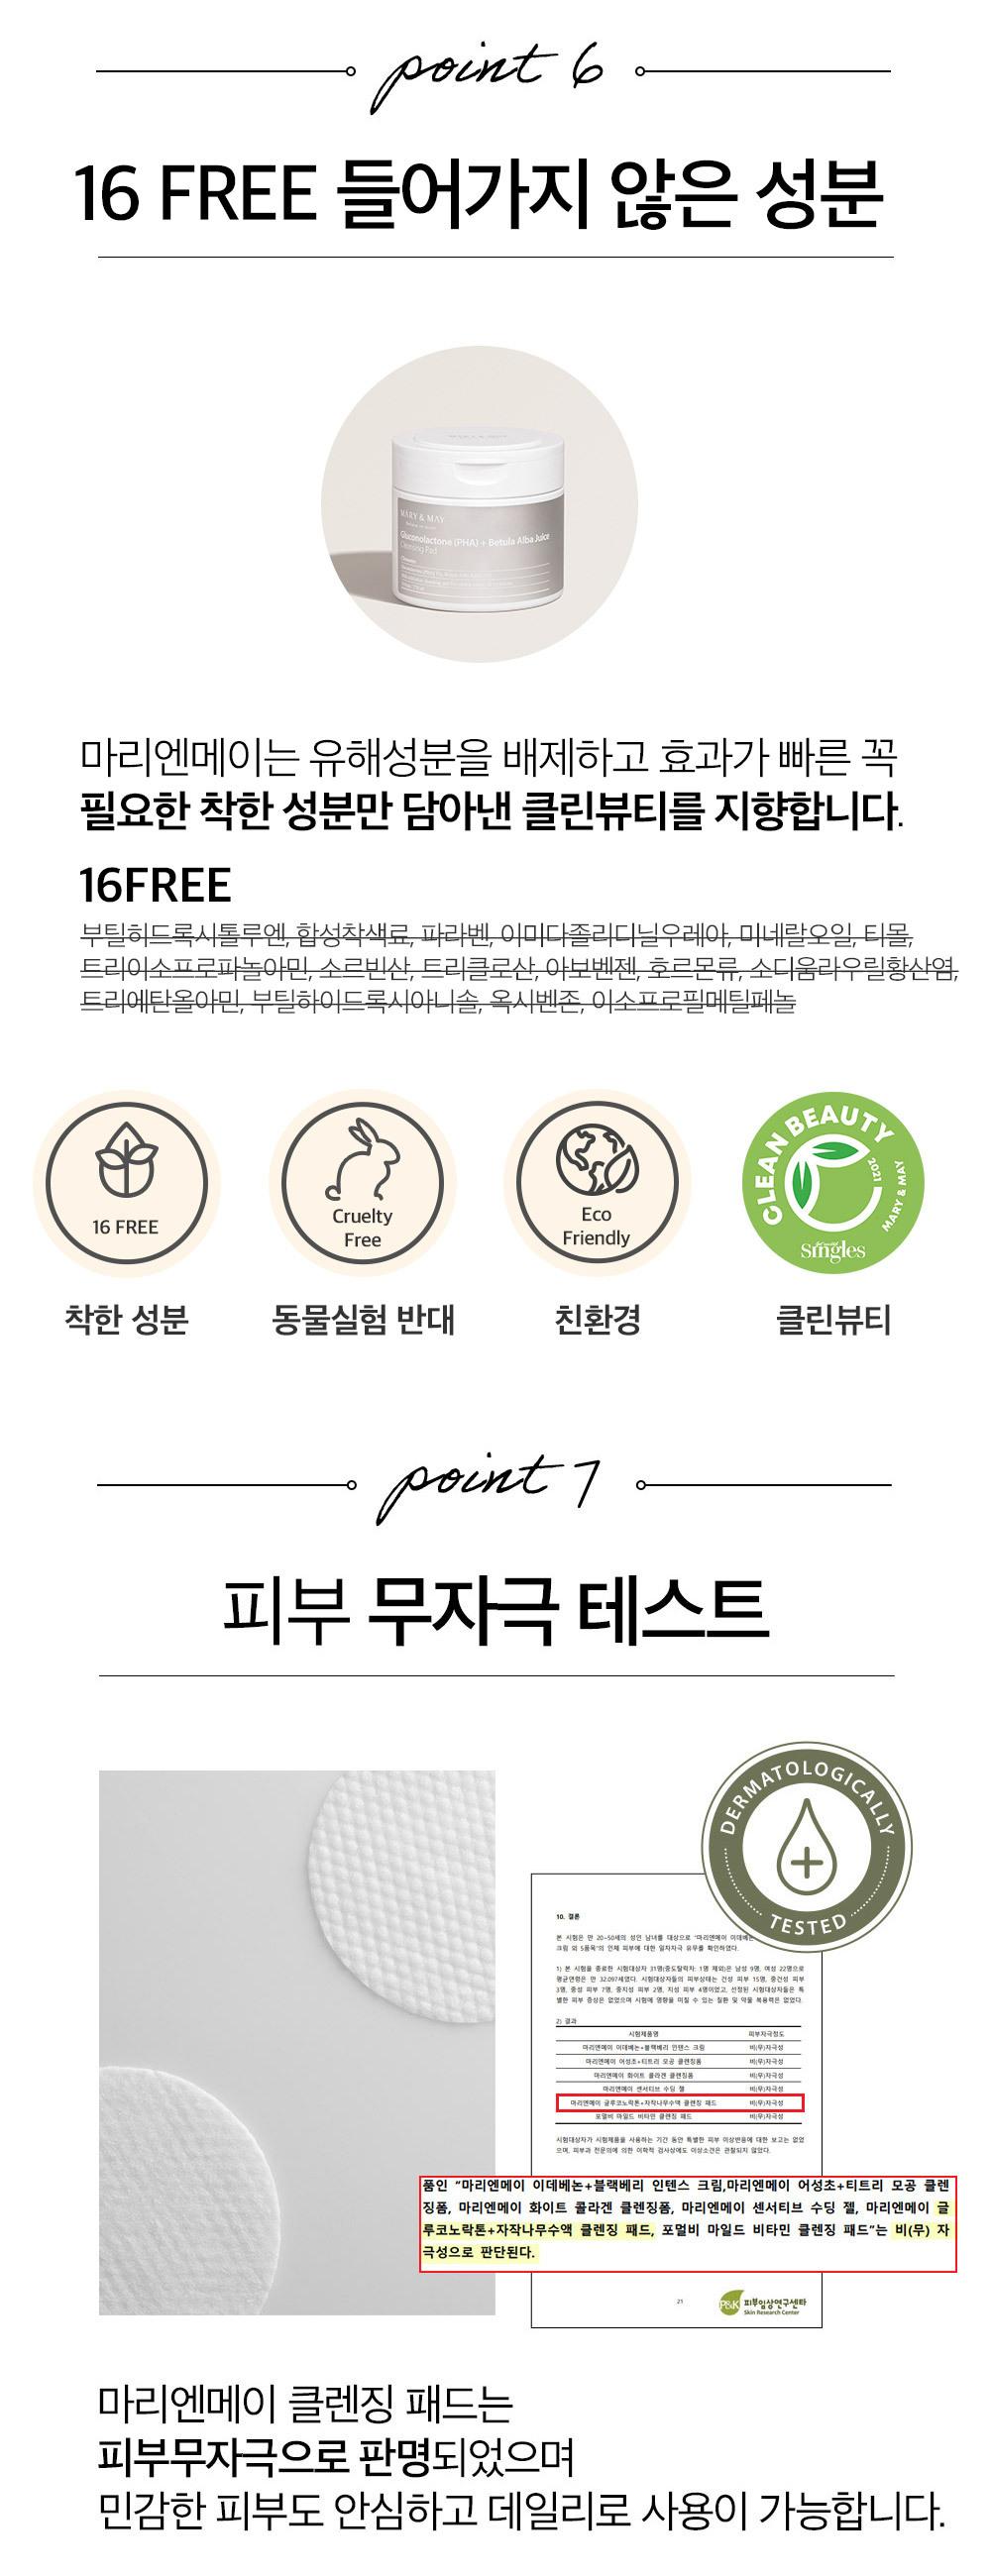 마리엔메이(MARY&MAY) 글루코닉산(PHA) + 자작나무수액 클렌징 패드 70매